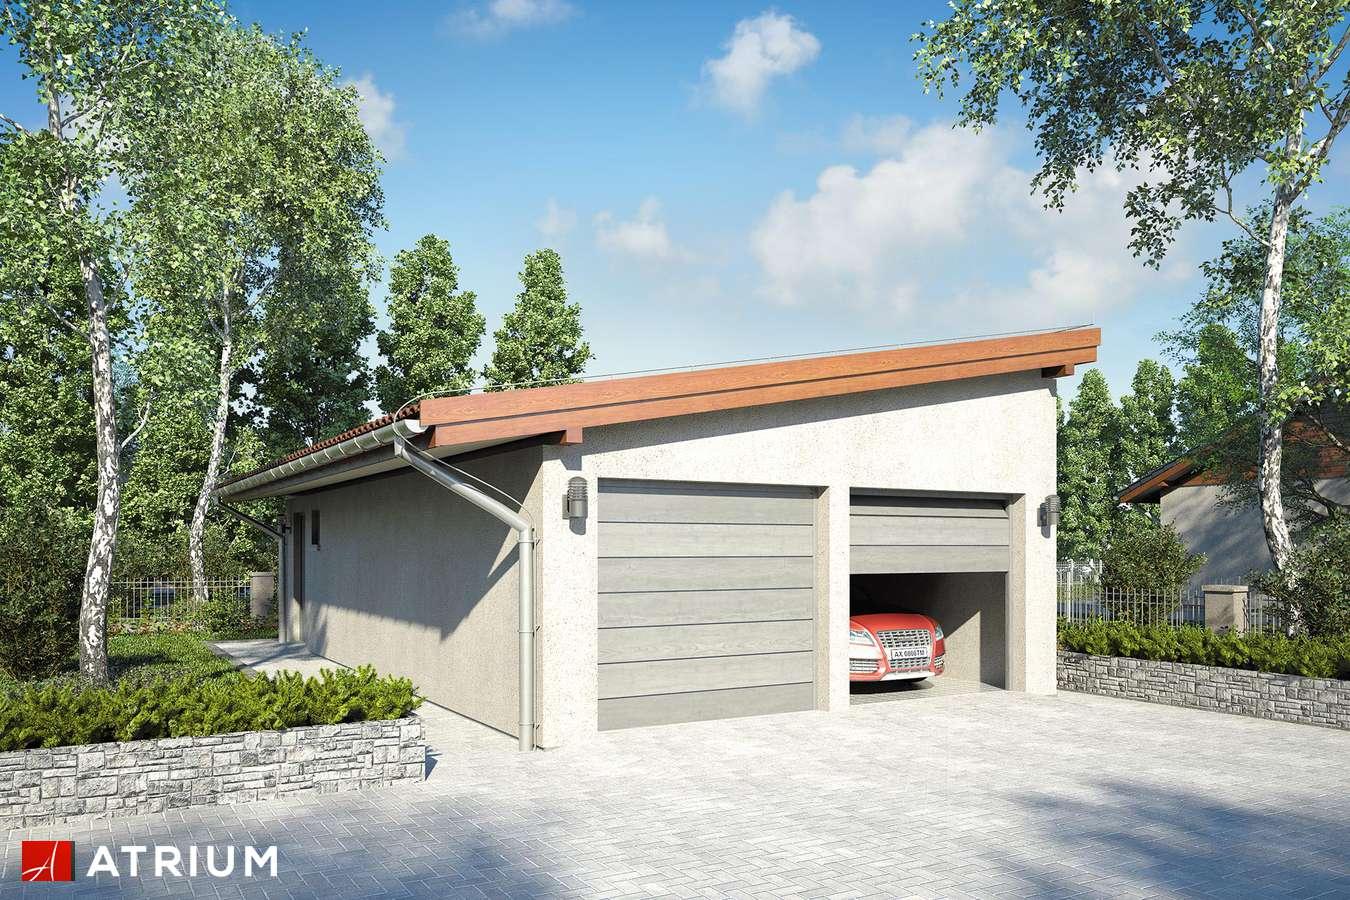 Garaż Z 15 - wizualizacja 1